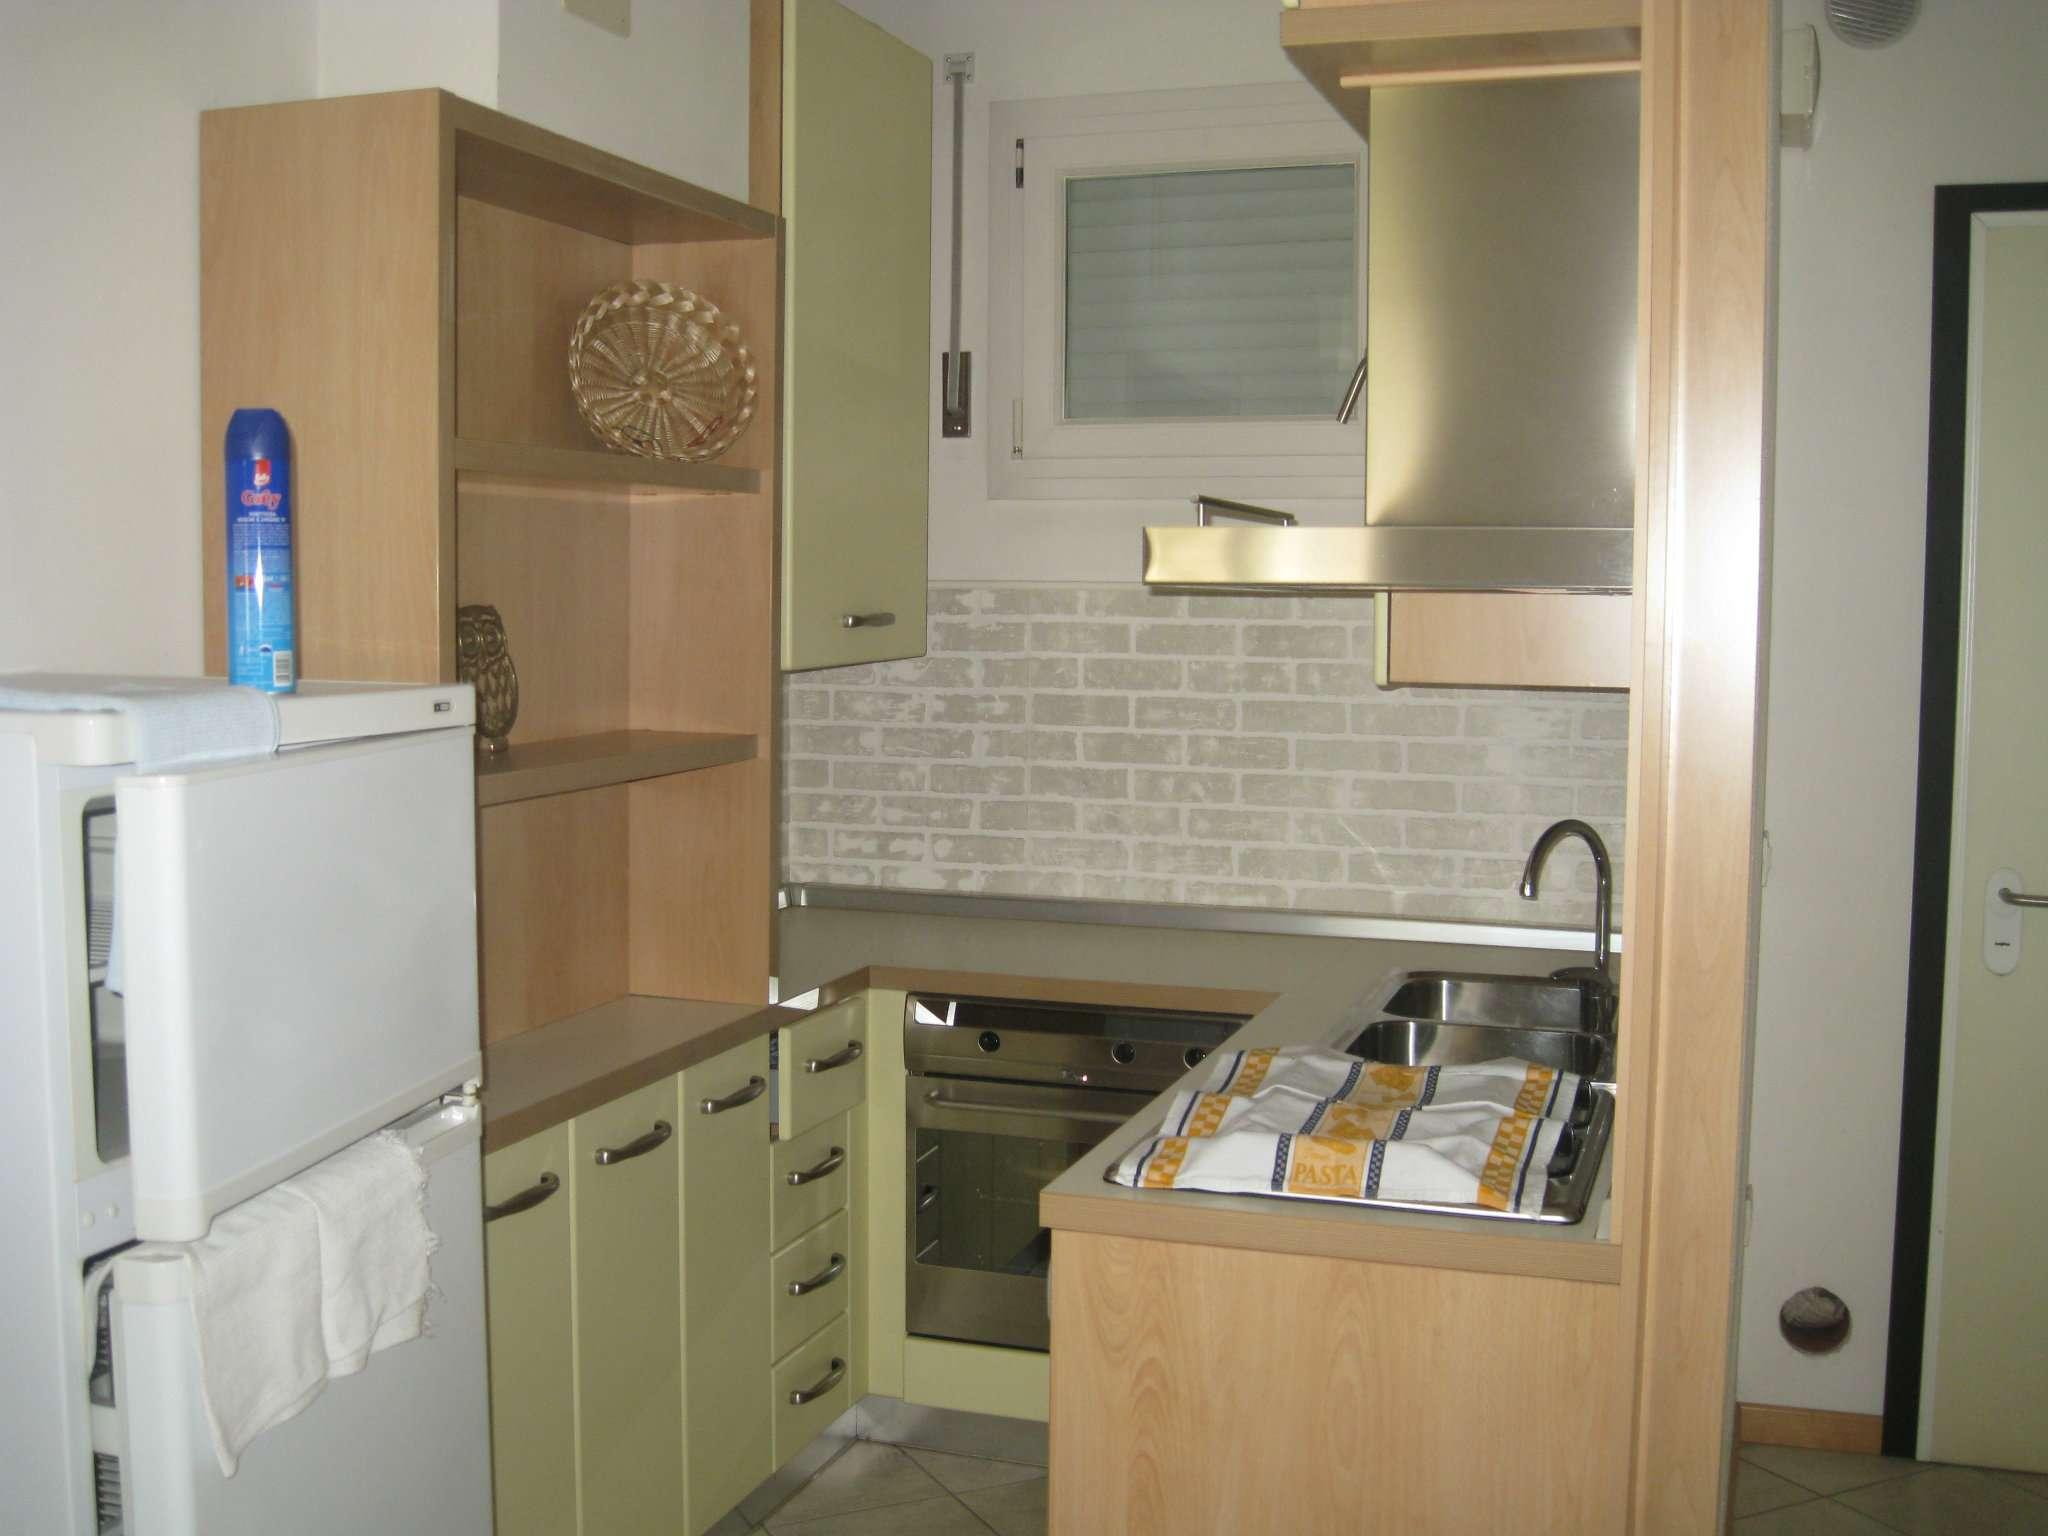 Appartamento in affitto a Castelfranco Veneto, 2 locali, prezzo € 480 | CambioCasa.it